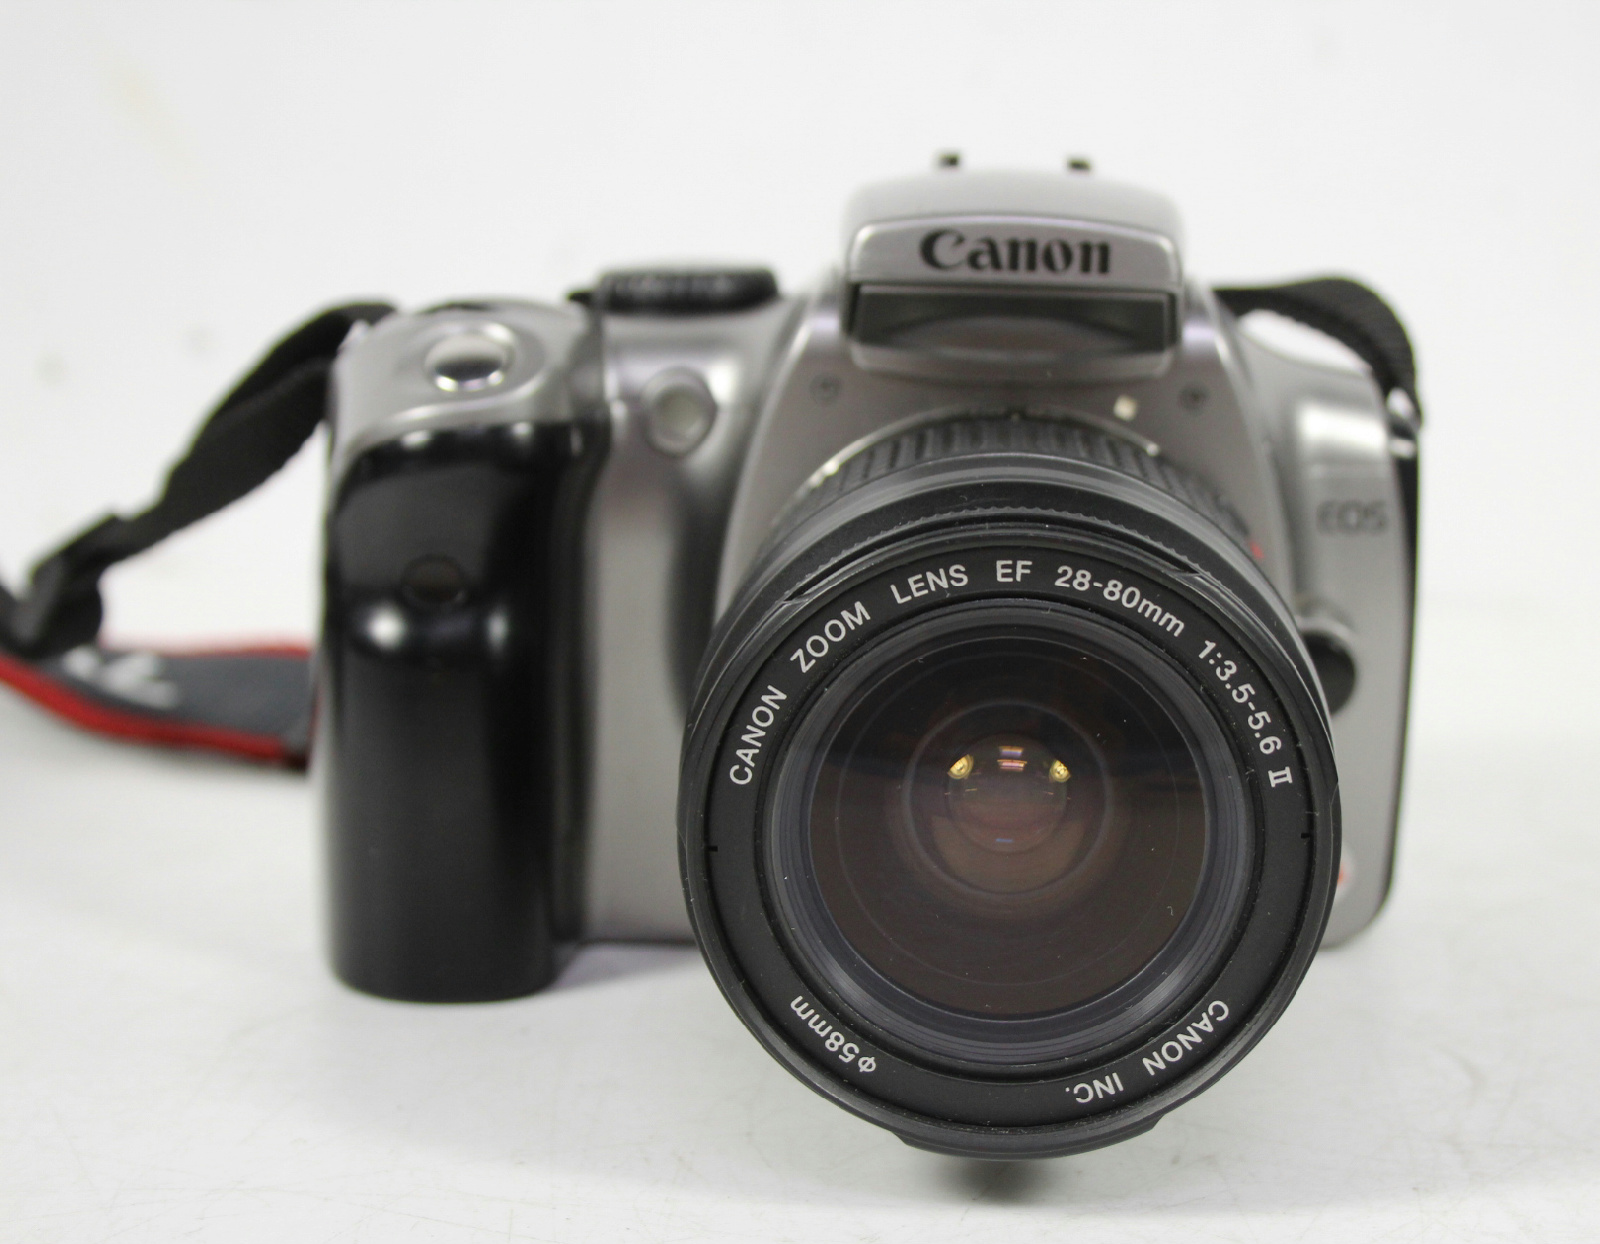 Canon Eos 300d camera Manual